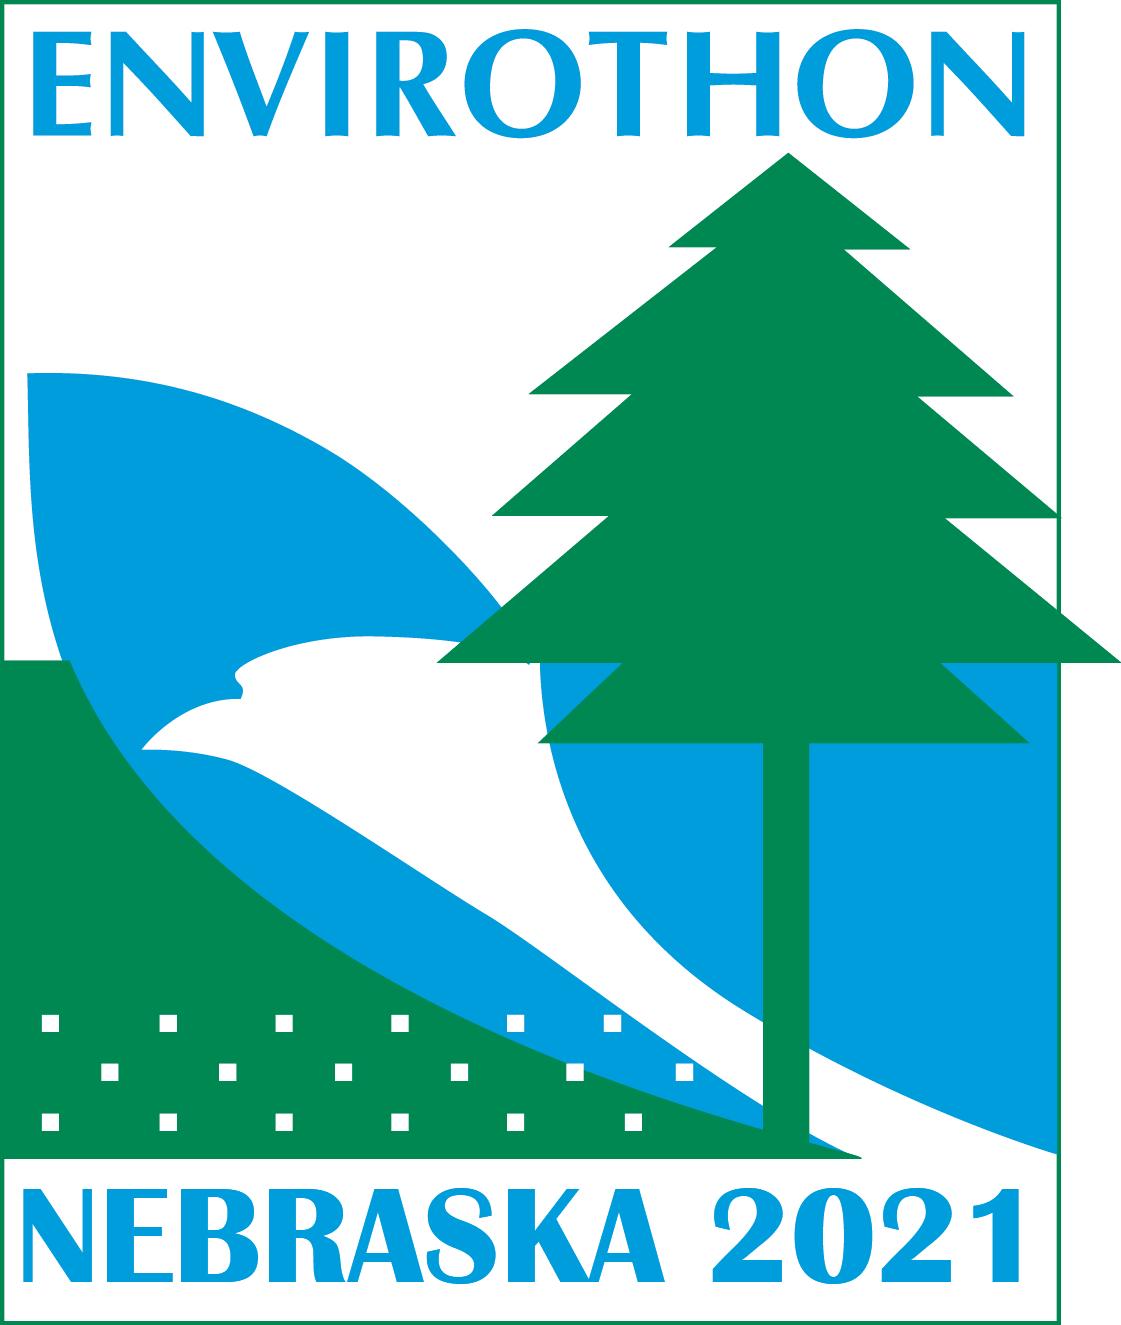 Envirothon Nebraska2021